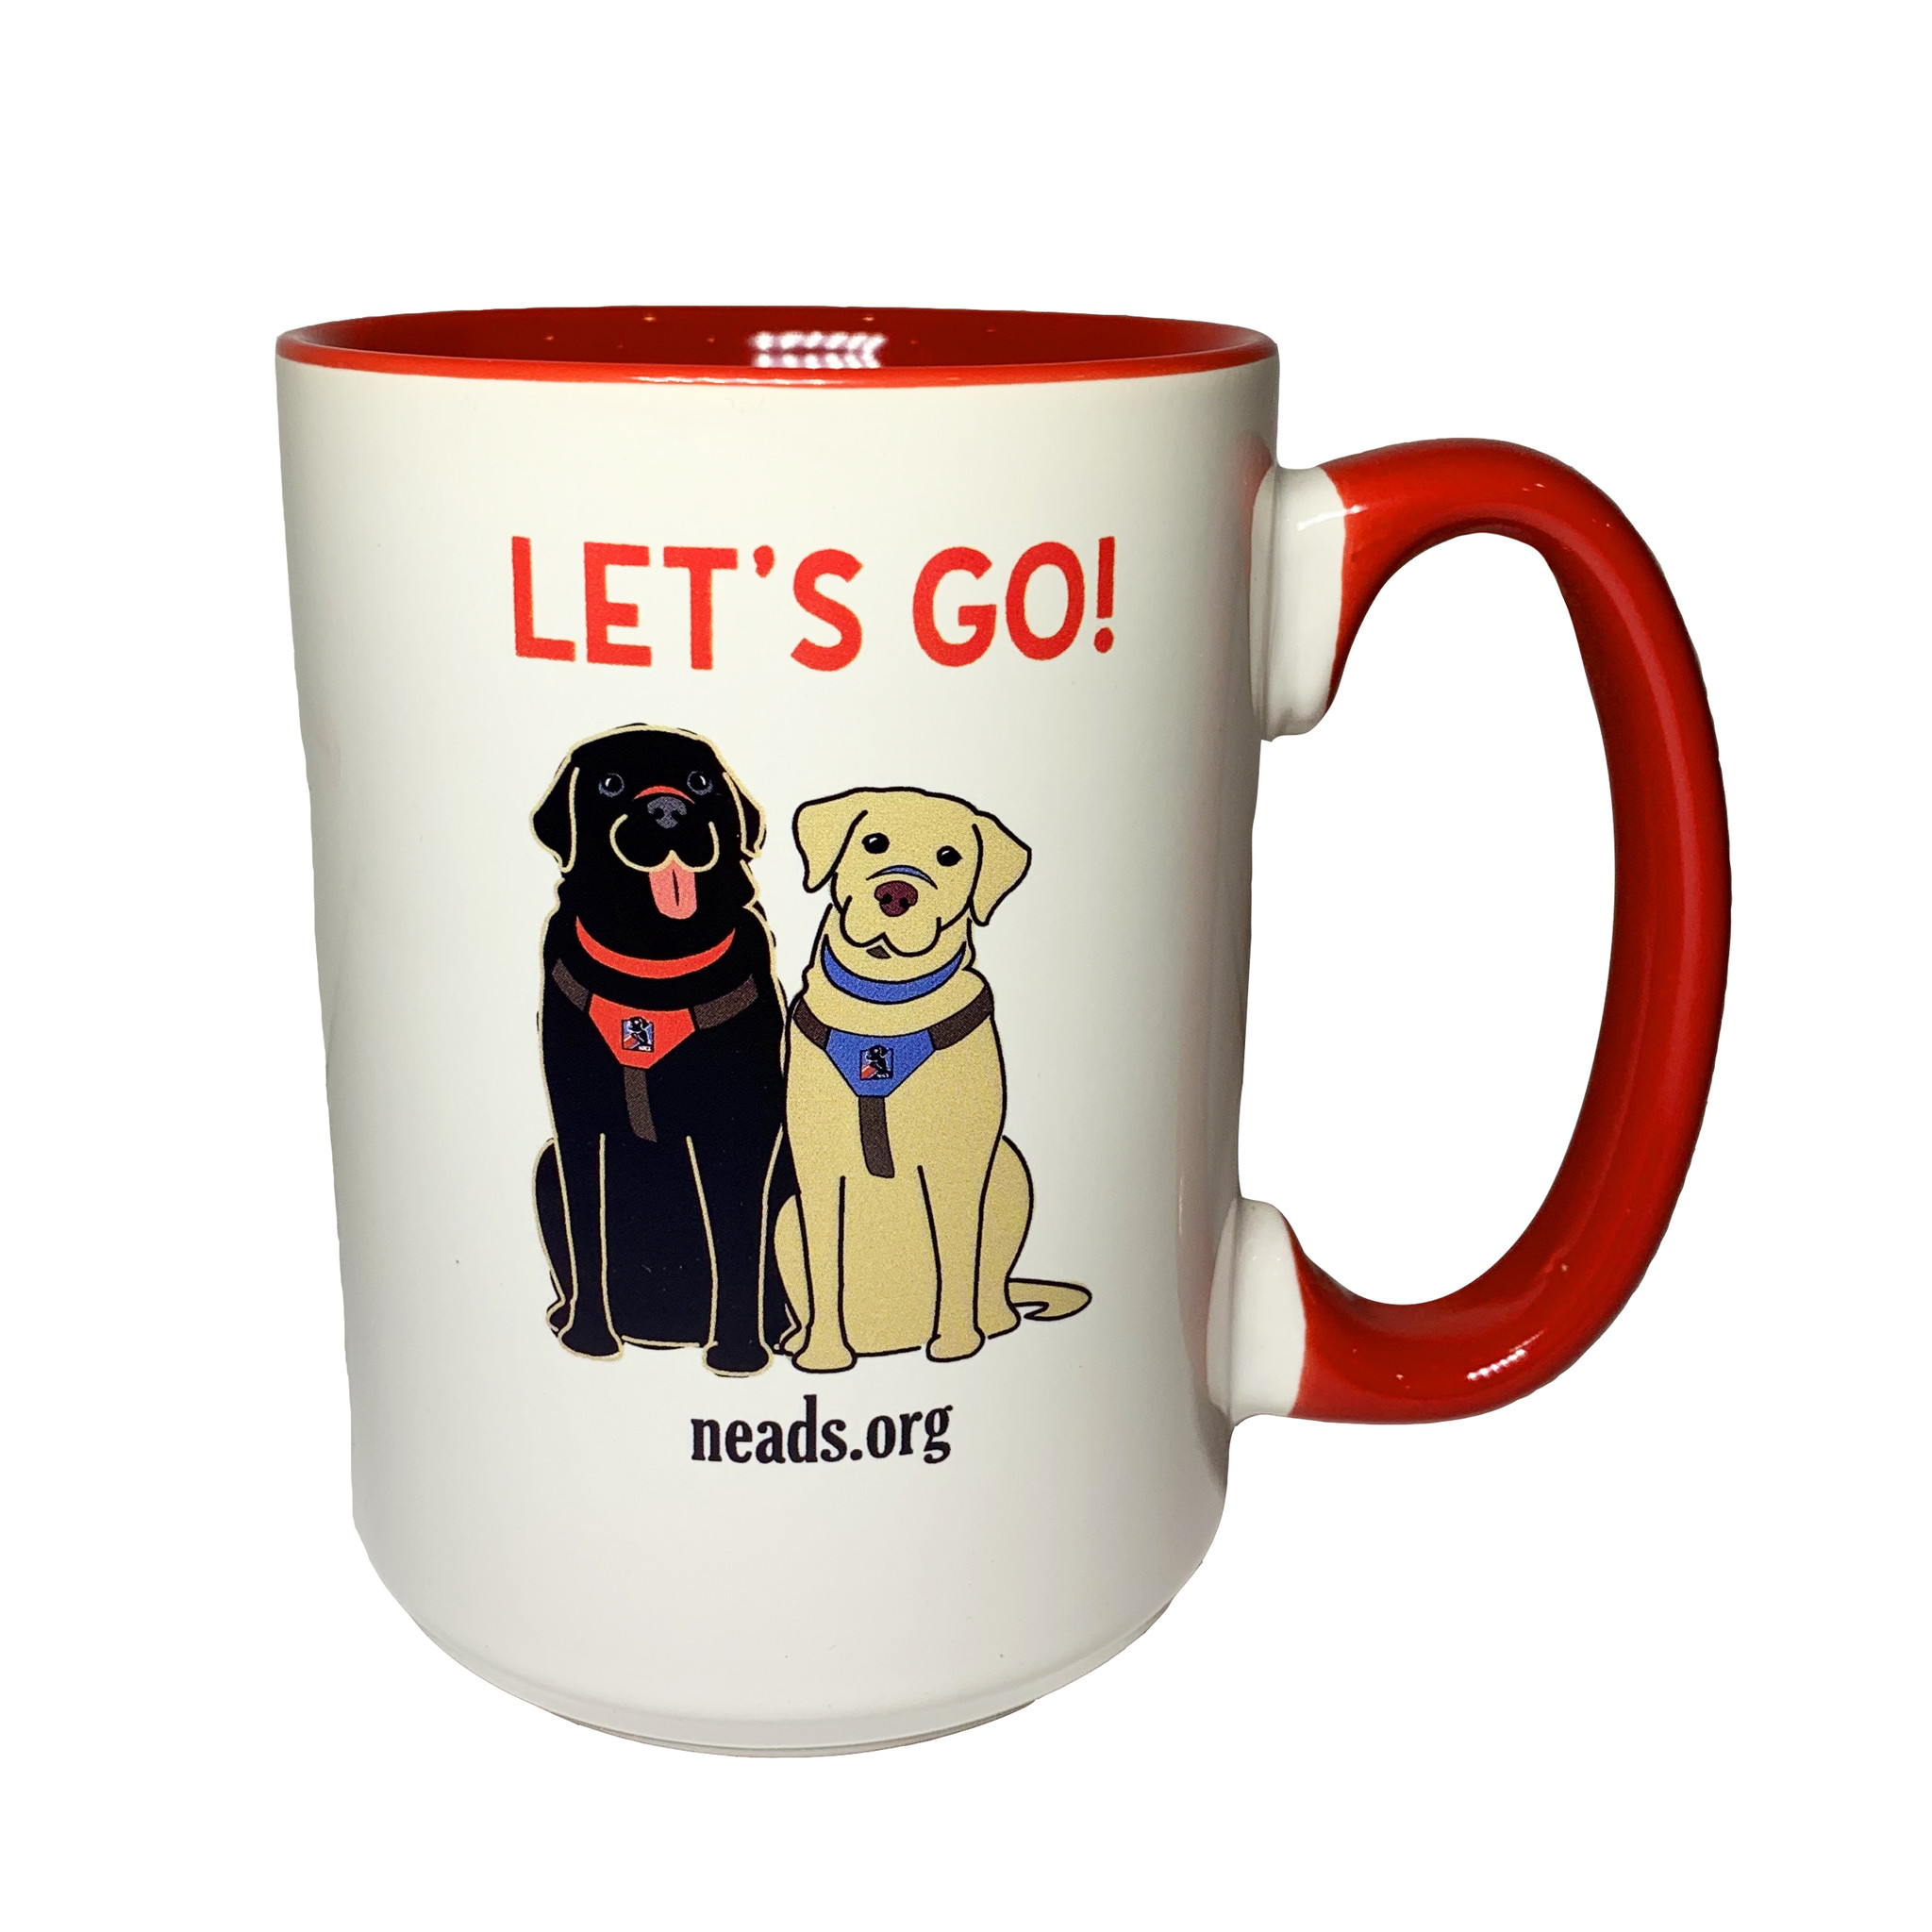 HDI Coffee Mug